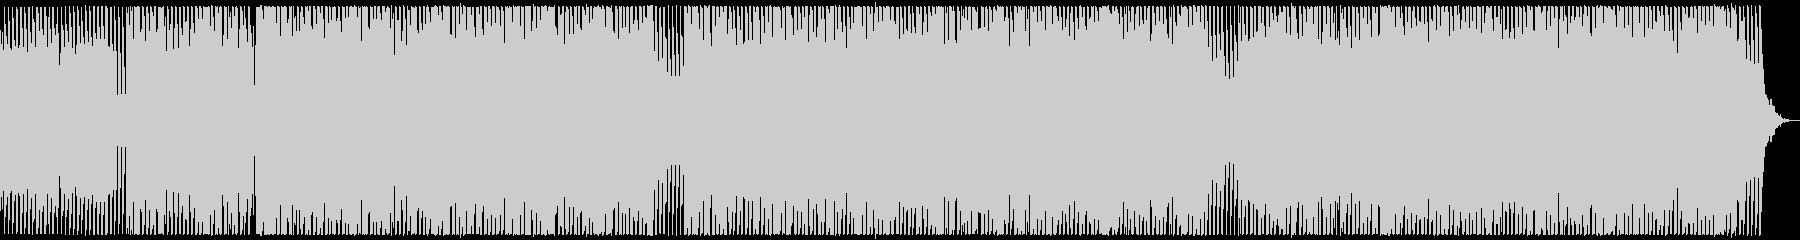 迫力ある低音が魅力のアシッド風サウンドの未再生の波形